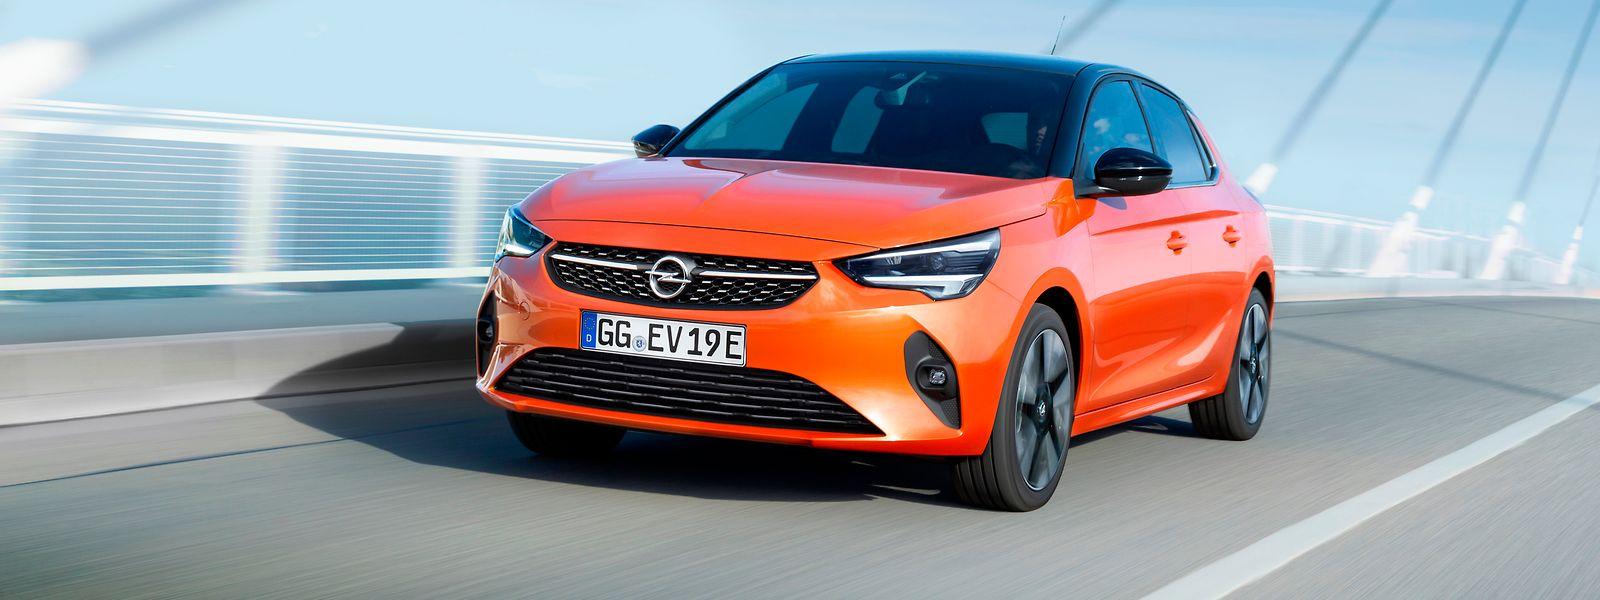 Der Corsa hat seit 1982 über 13,6 Million Menschen mobil gemacht. Die rein batterie-elektrische Variante bietet ihnen jetzt den Einstieg in das emissionsfreie Fahren.